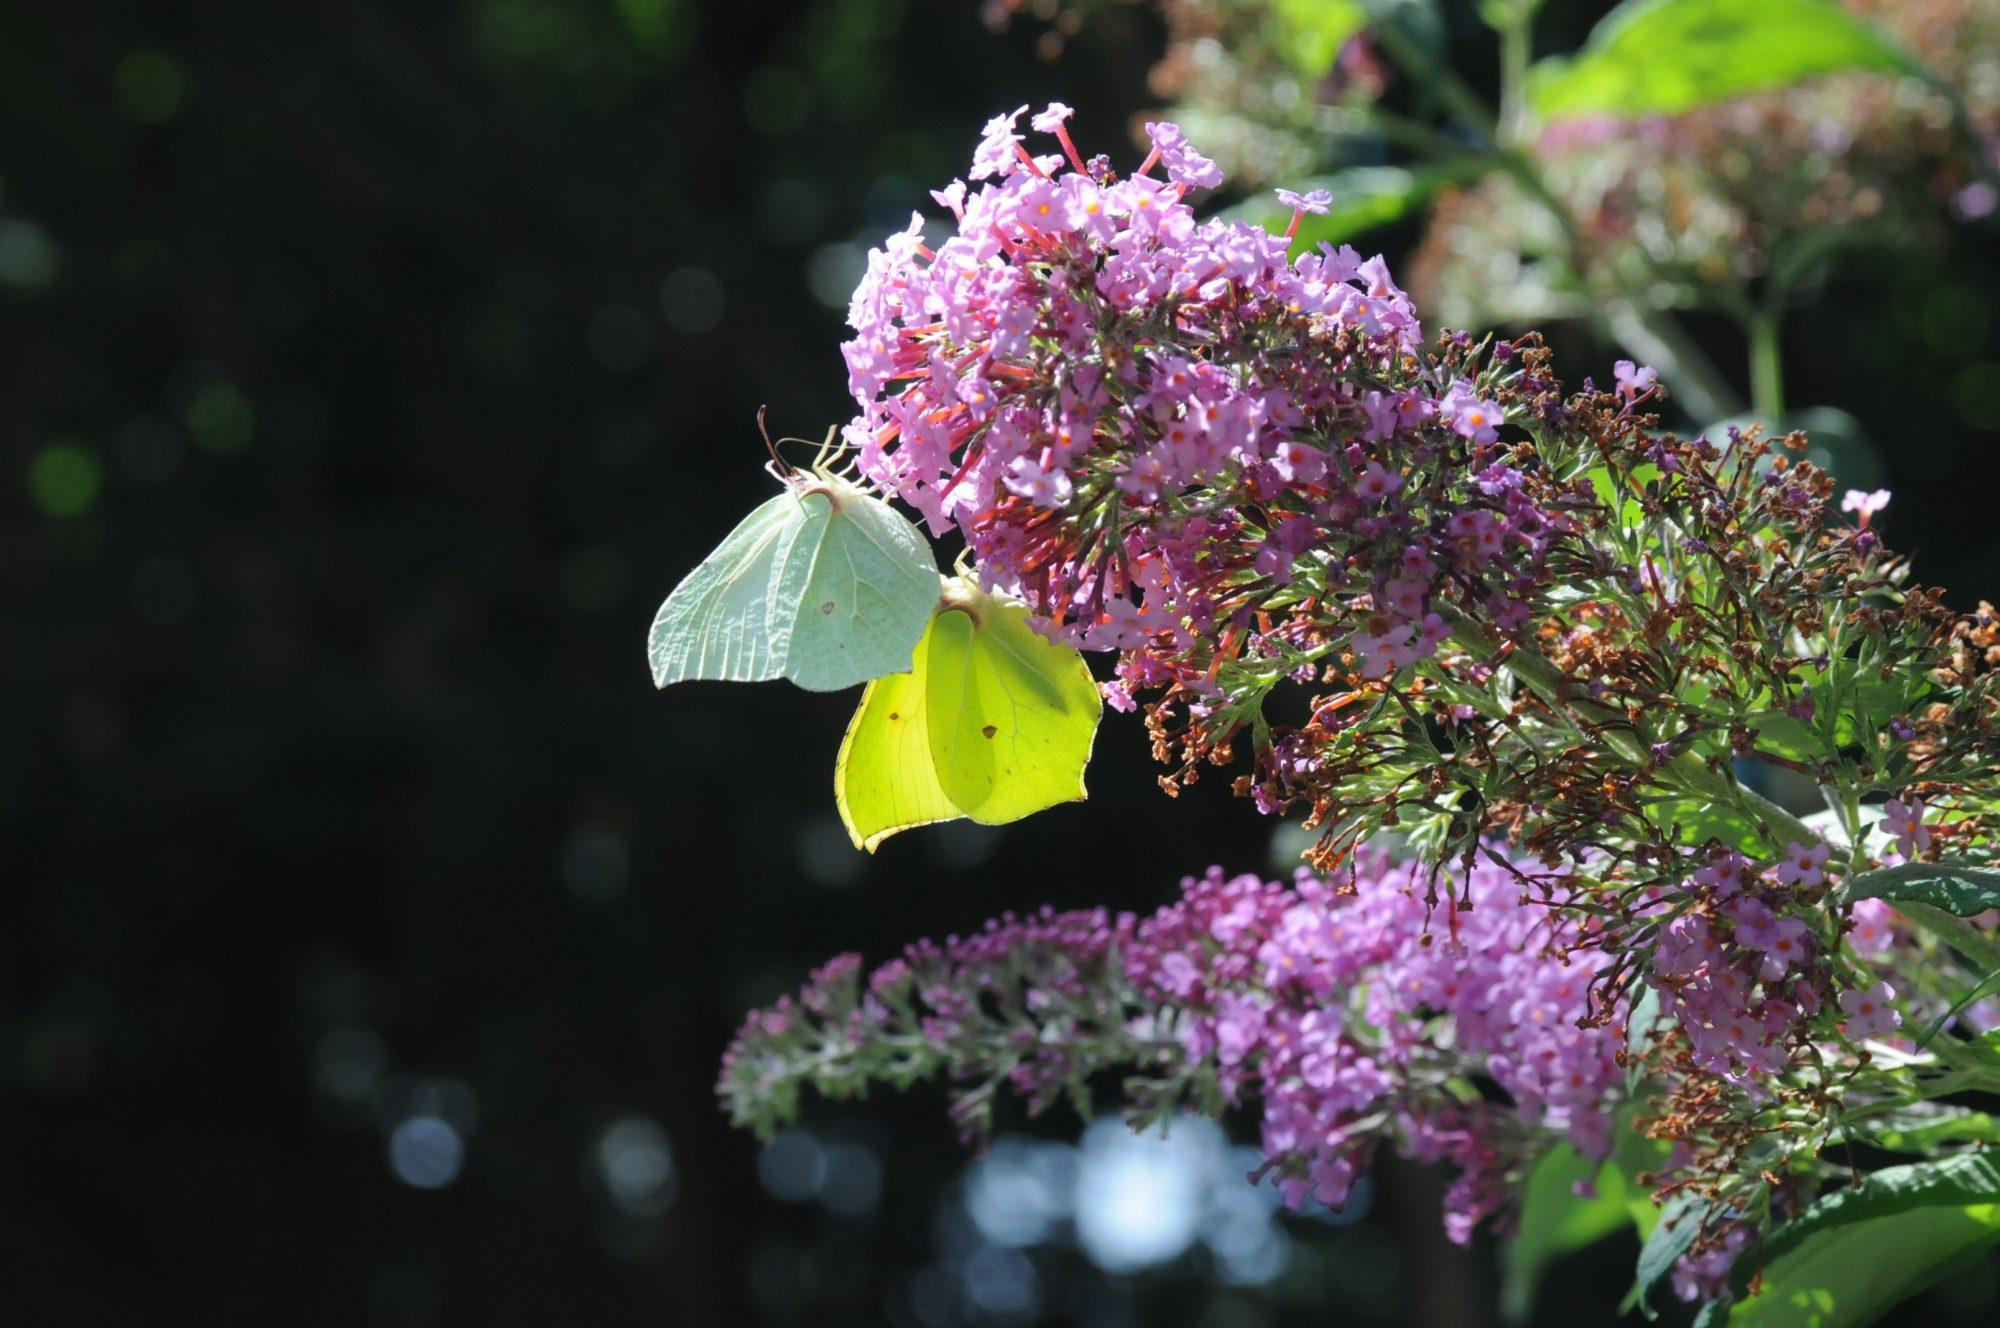 Natuur - gezondheid - welbevinden